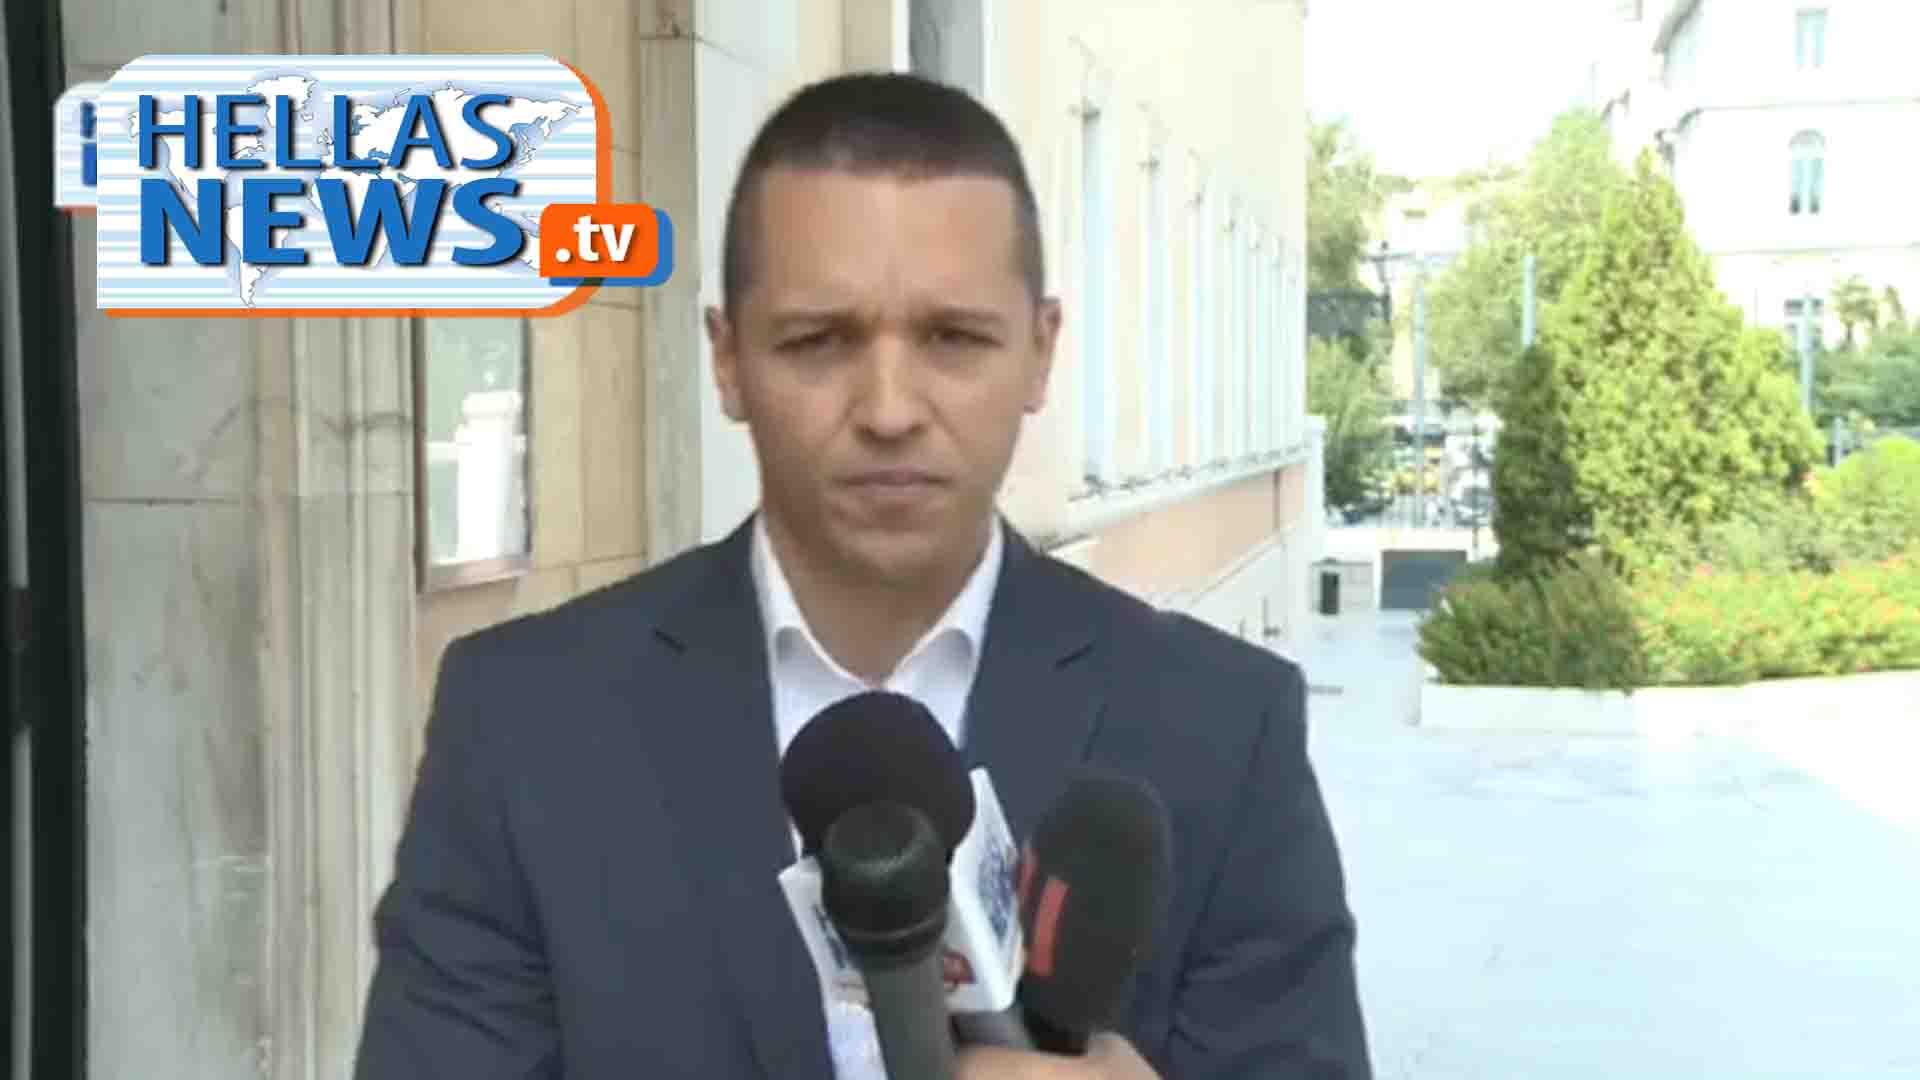 Βουλή- Δήλωση Ηλ. Κασιδιάρη για το μαύρο στα κανάλια, τα ΜΜΕ και τη διαπλοκή